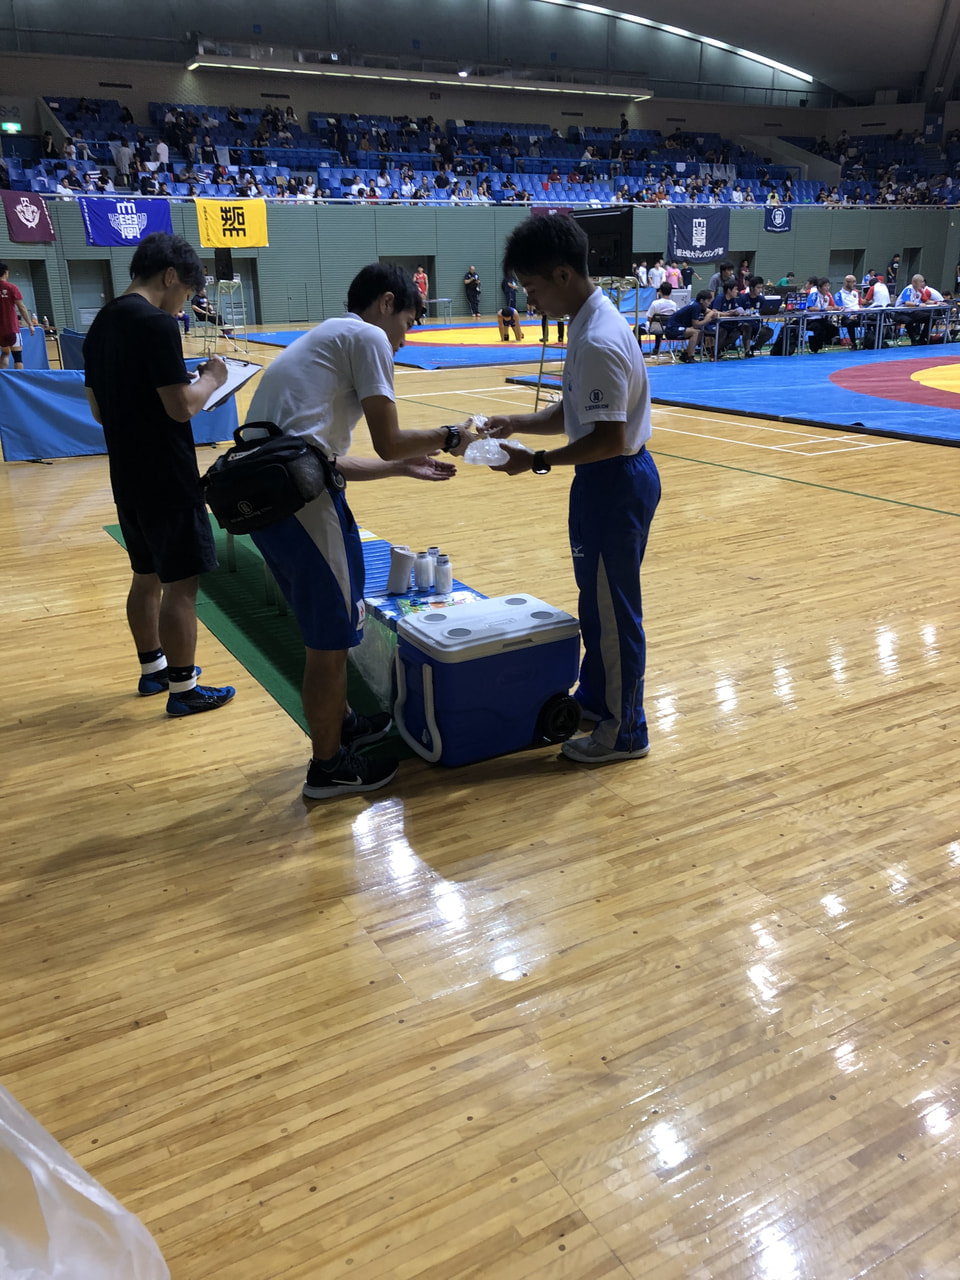 全日本学生レスリング選手権大会 1日目